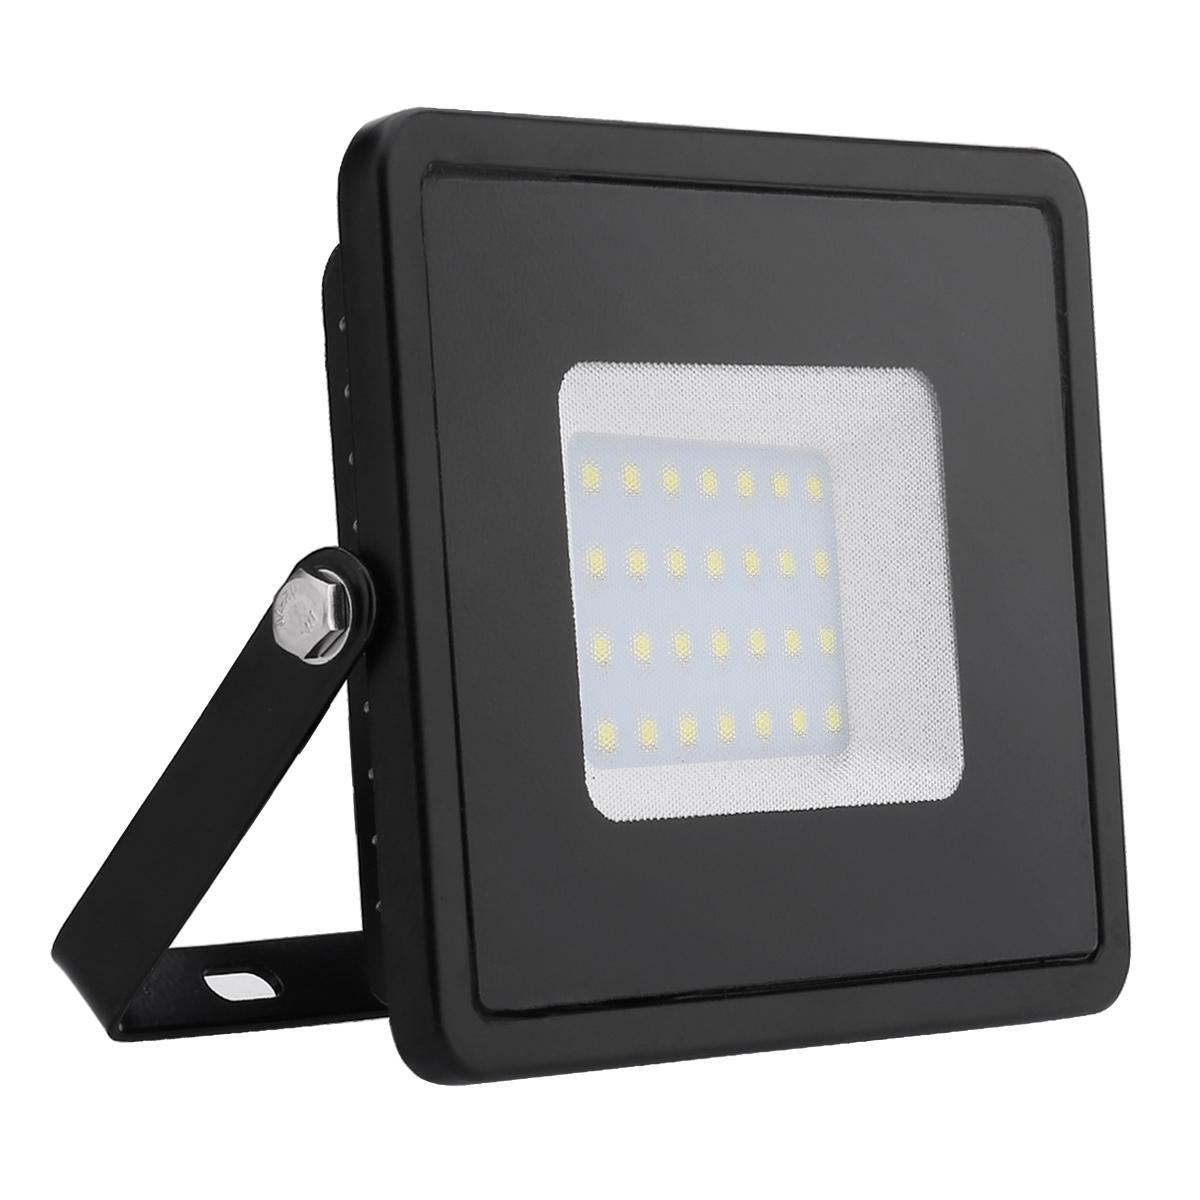 LED Fluter 30W, 2400lm Flutlicht, Kaltweiß, Wasserdicht Außenleuchten, ersetzt 75W Hochdrucknatriumlampe, LED Strahler, Scheinwerfer